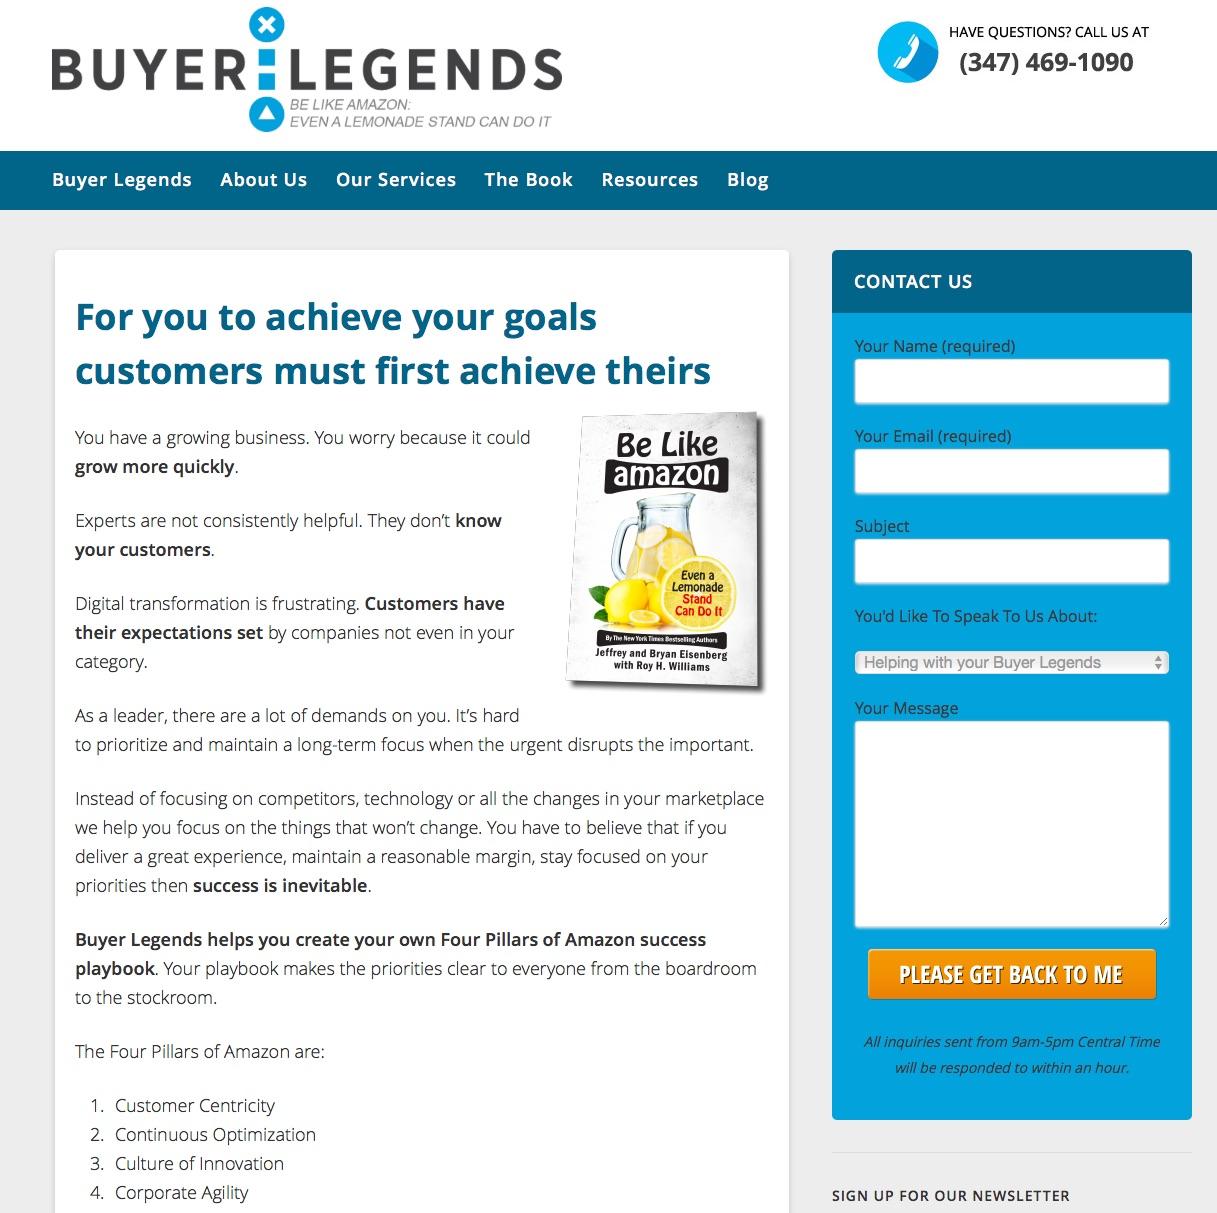 Buyer Legends